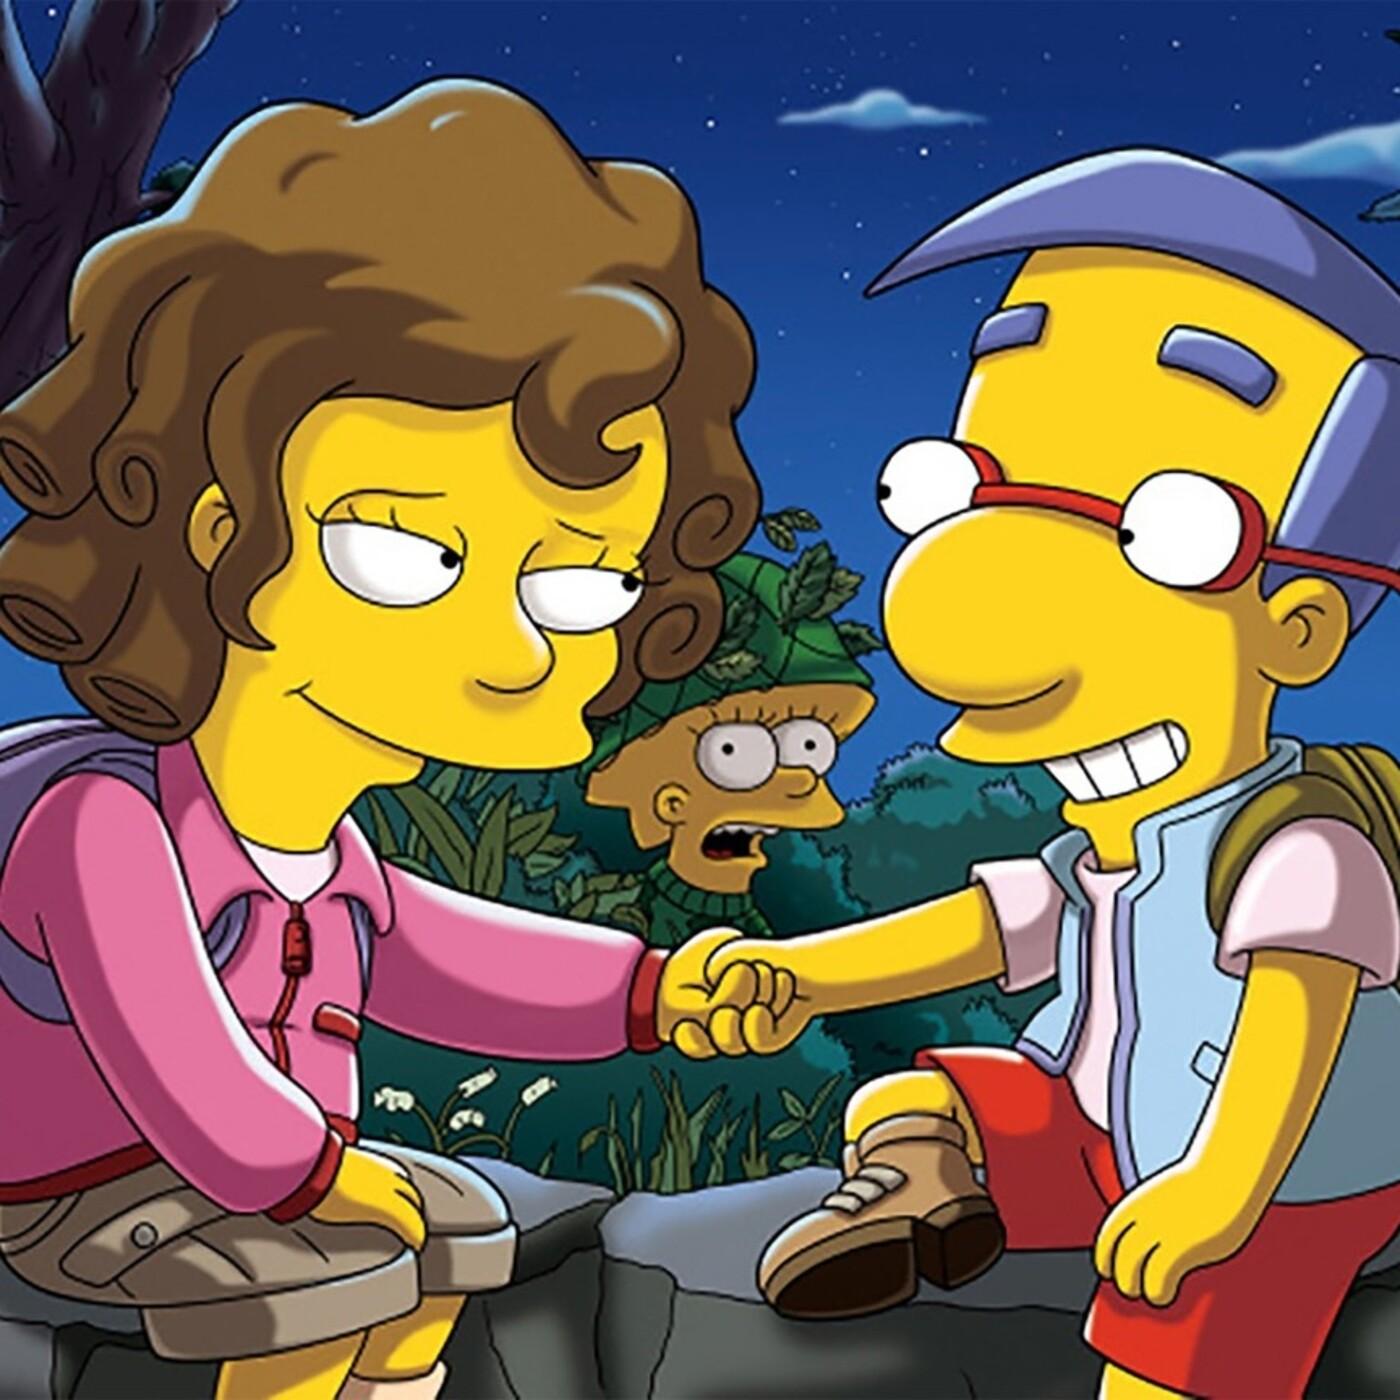 Los Simpson T 22 ep. 2, 3 (2010) #Animación #Comedia #Familia #peliculas #audesc #podcast